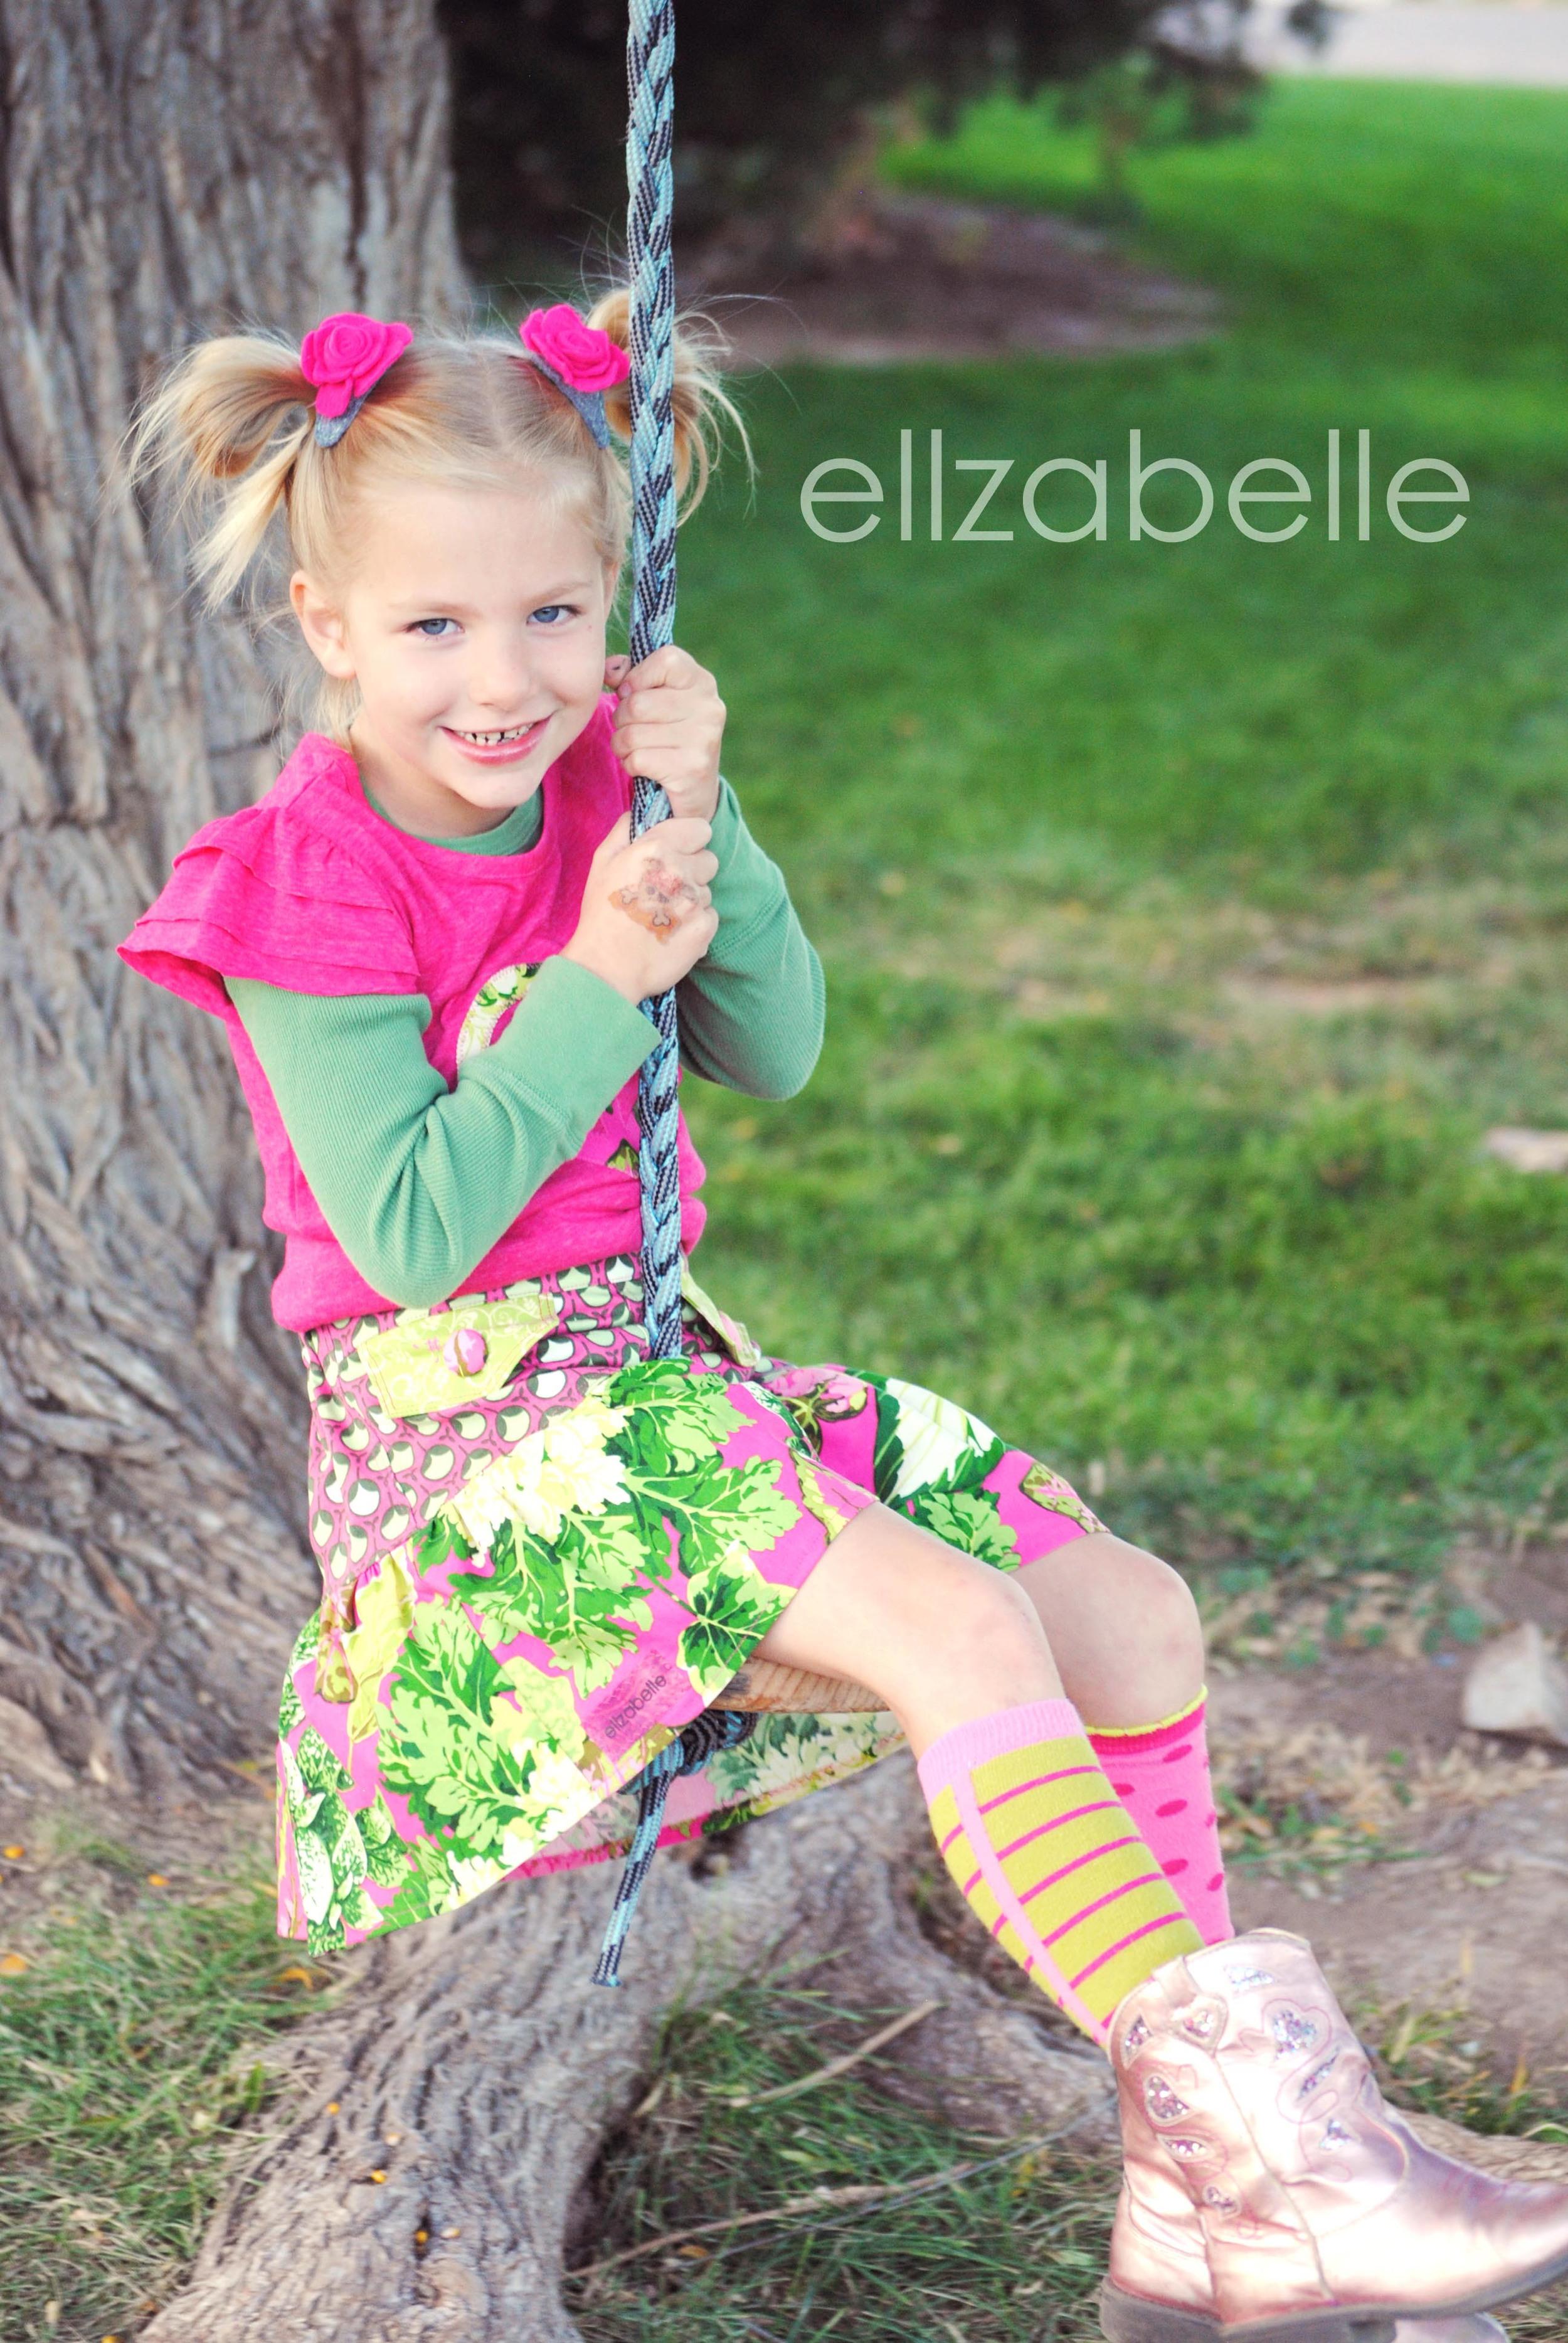 flip skirt4 edited ellzabelle.jpg